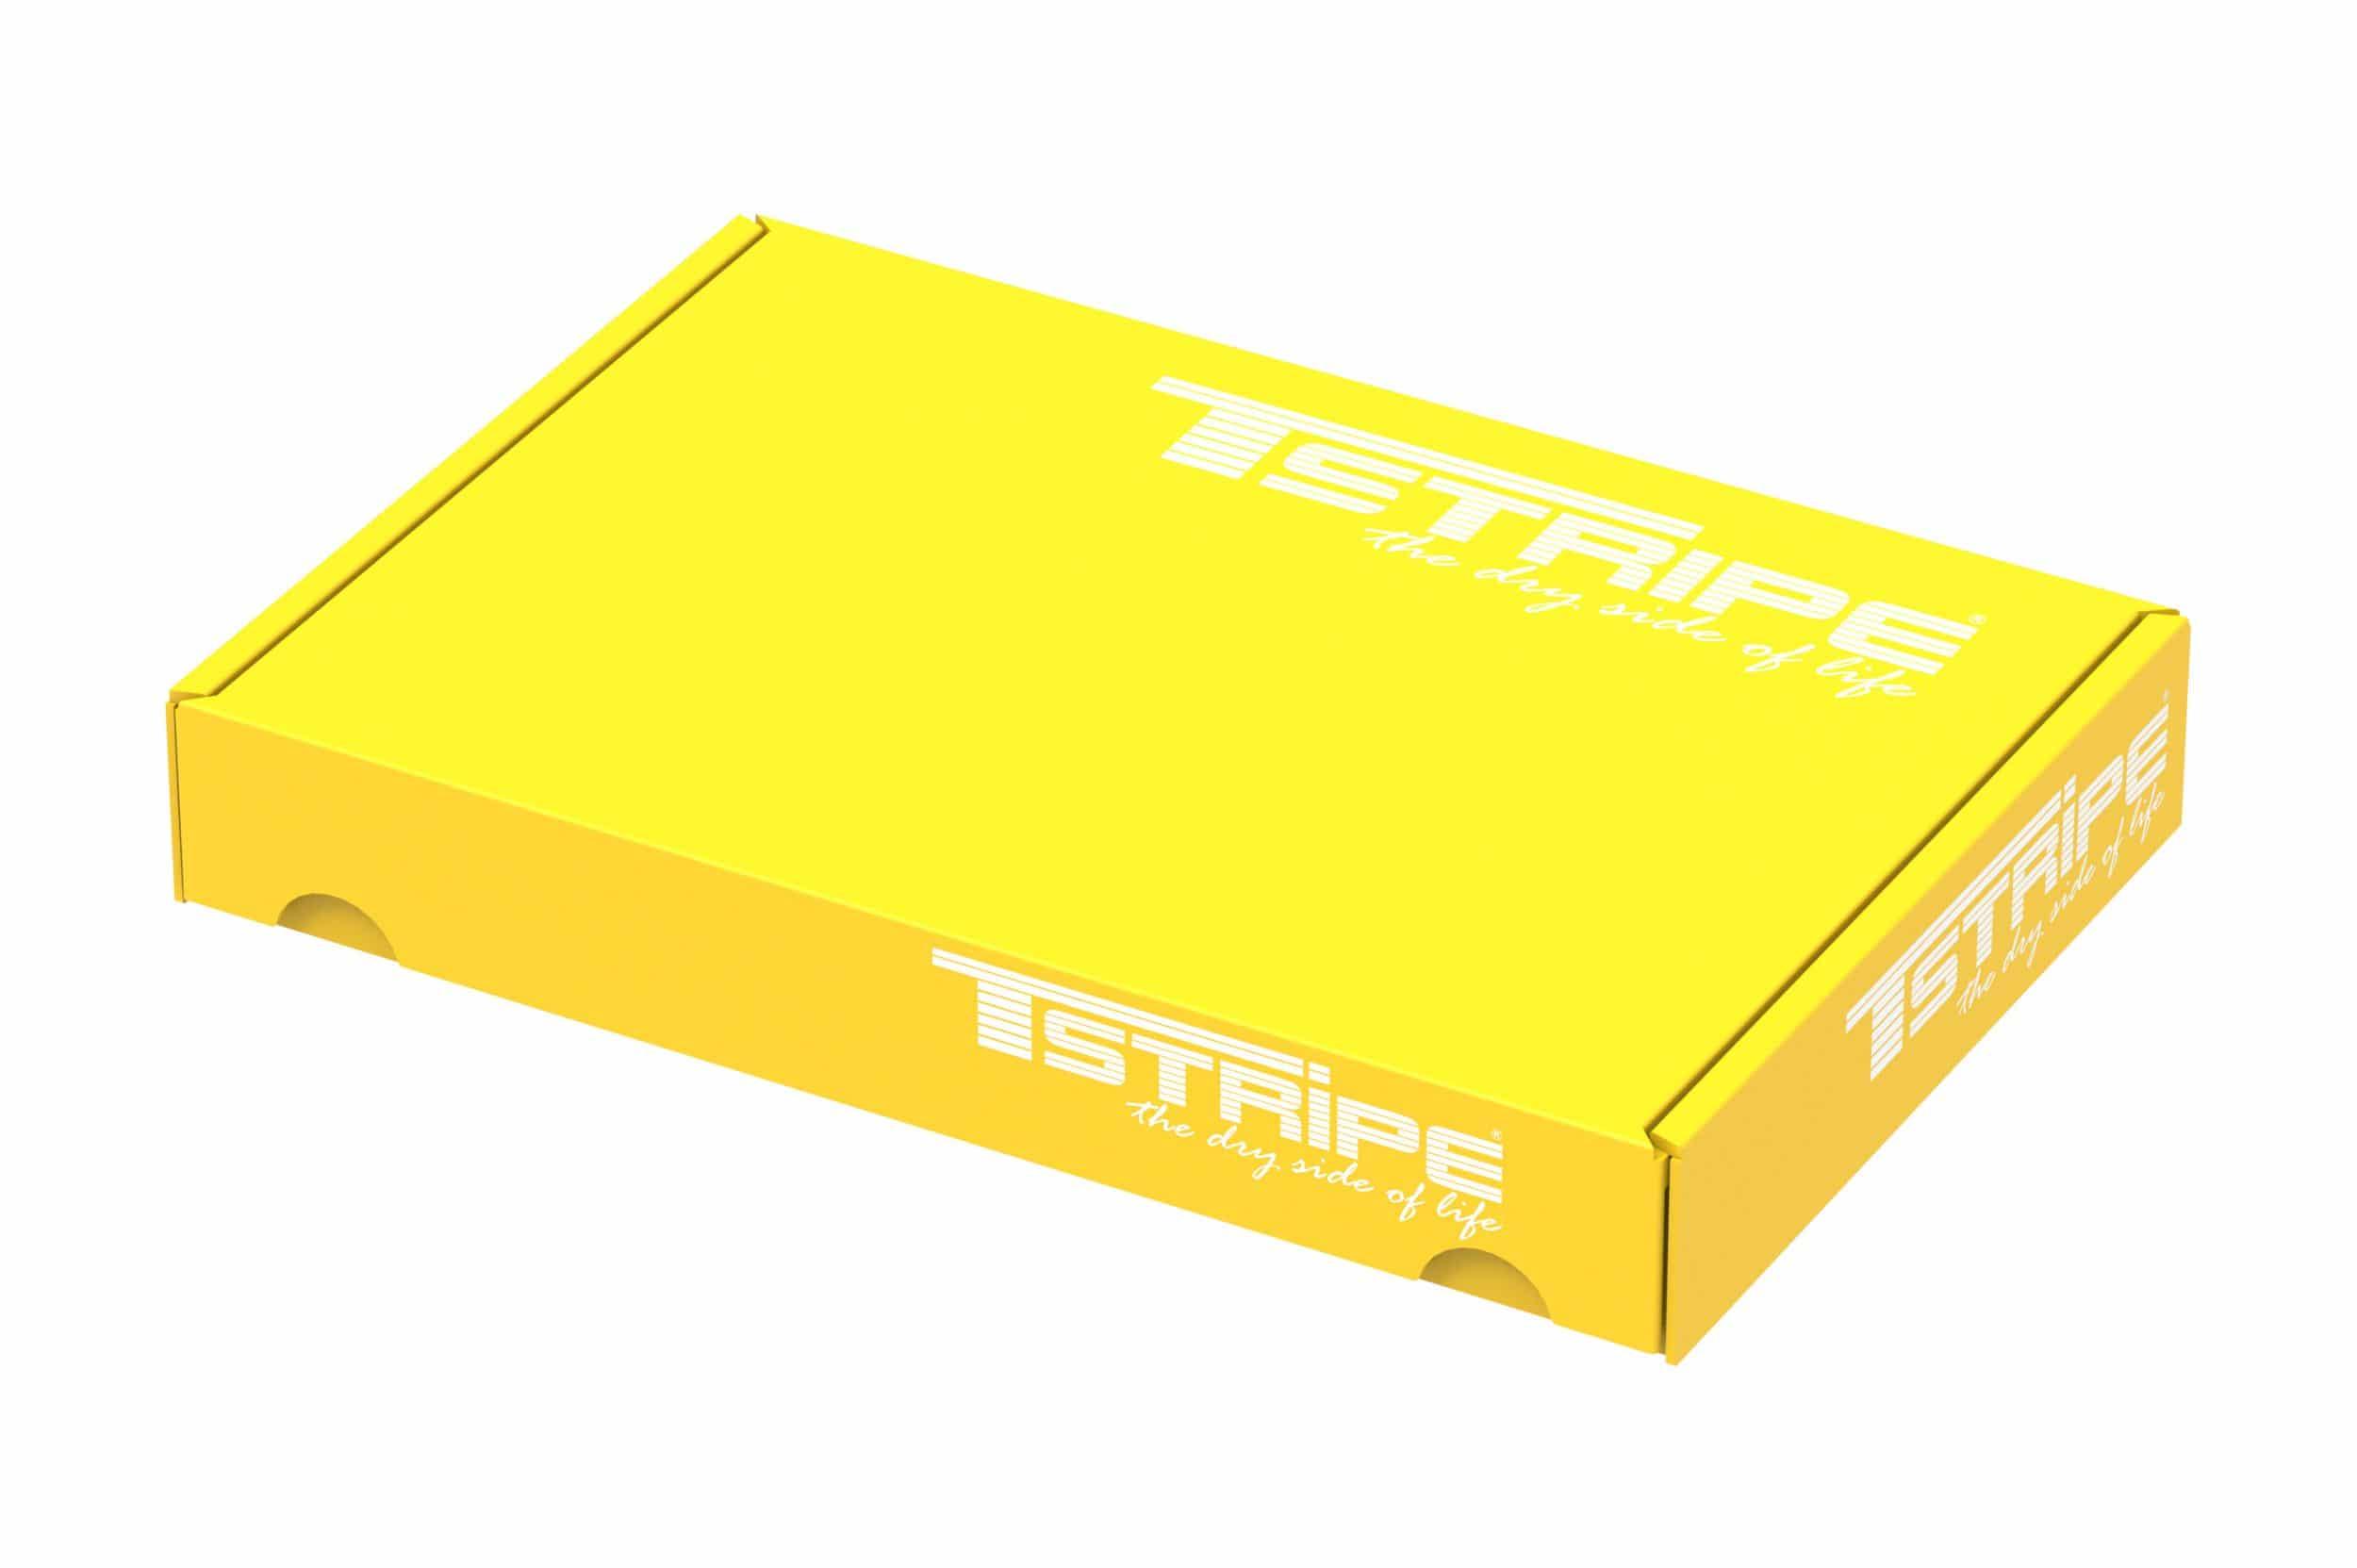 T-STRIPE-Komplettset-Box-Fensterheizung